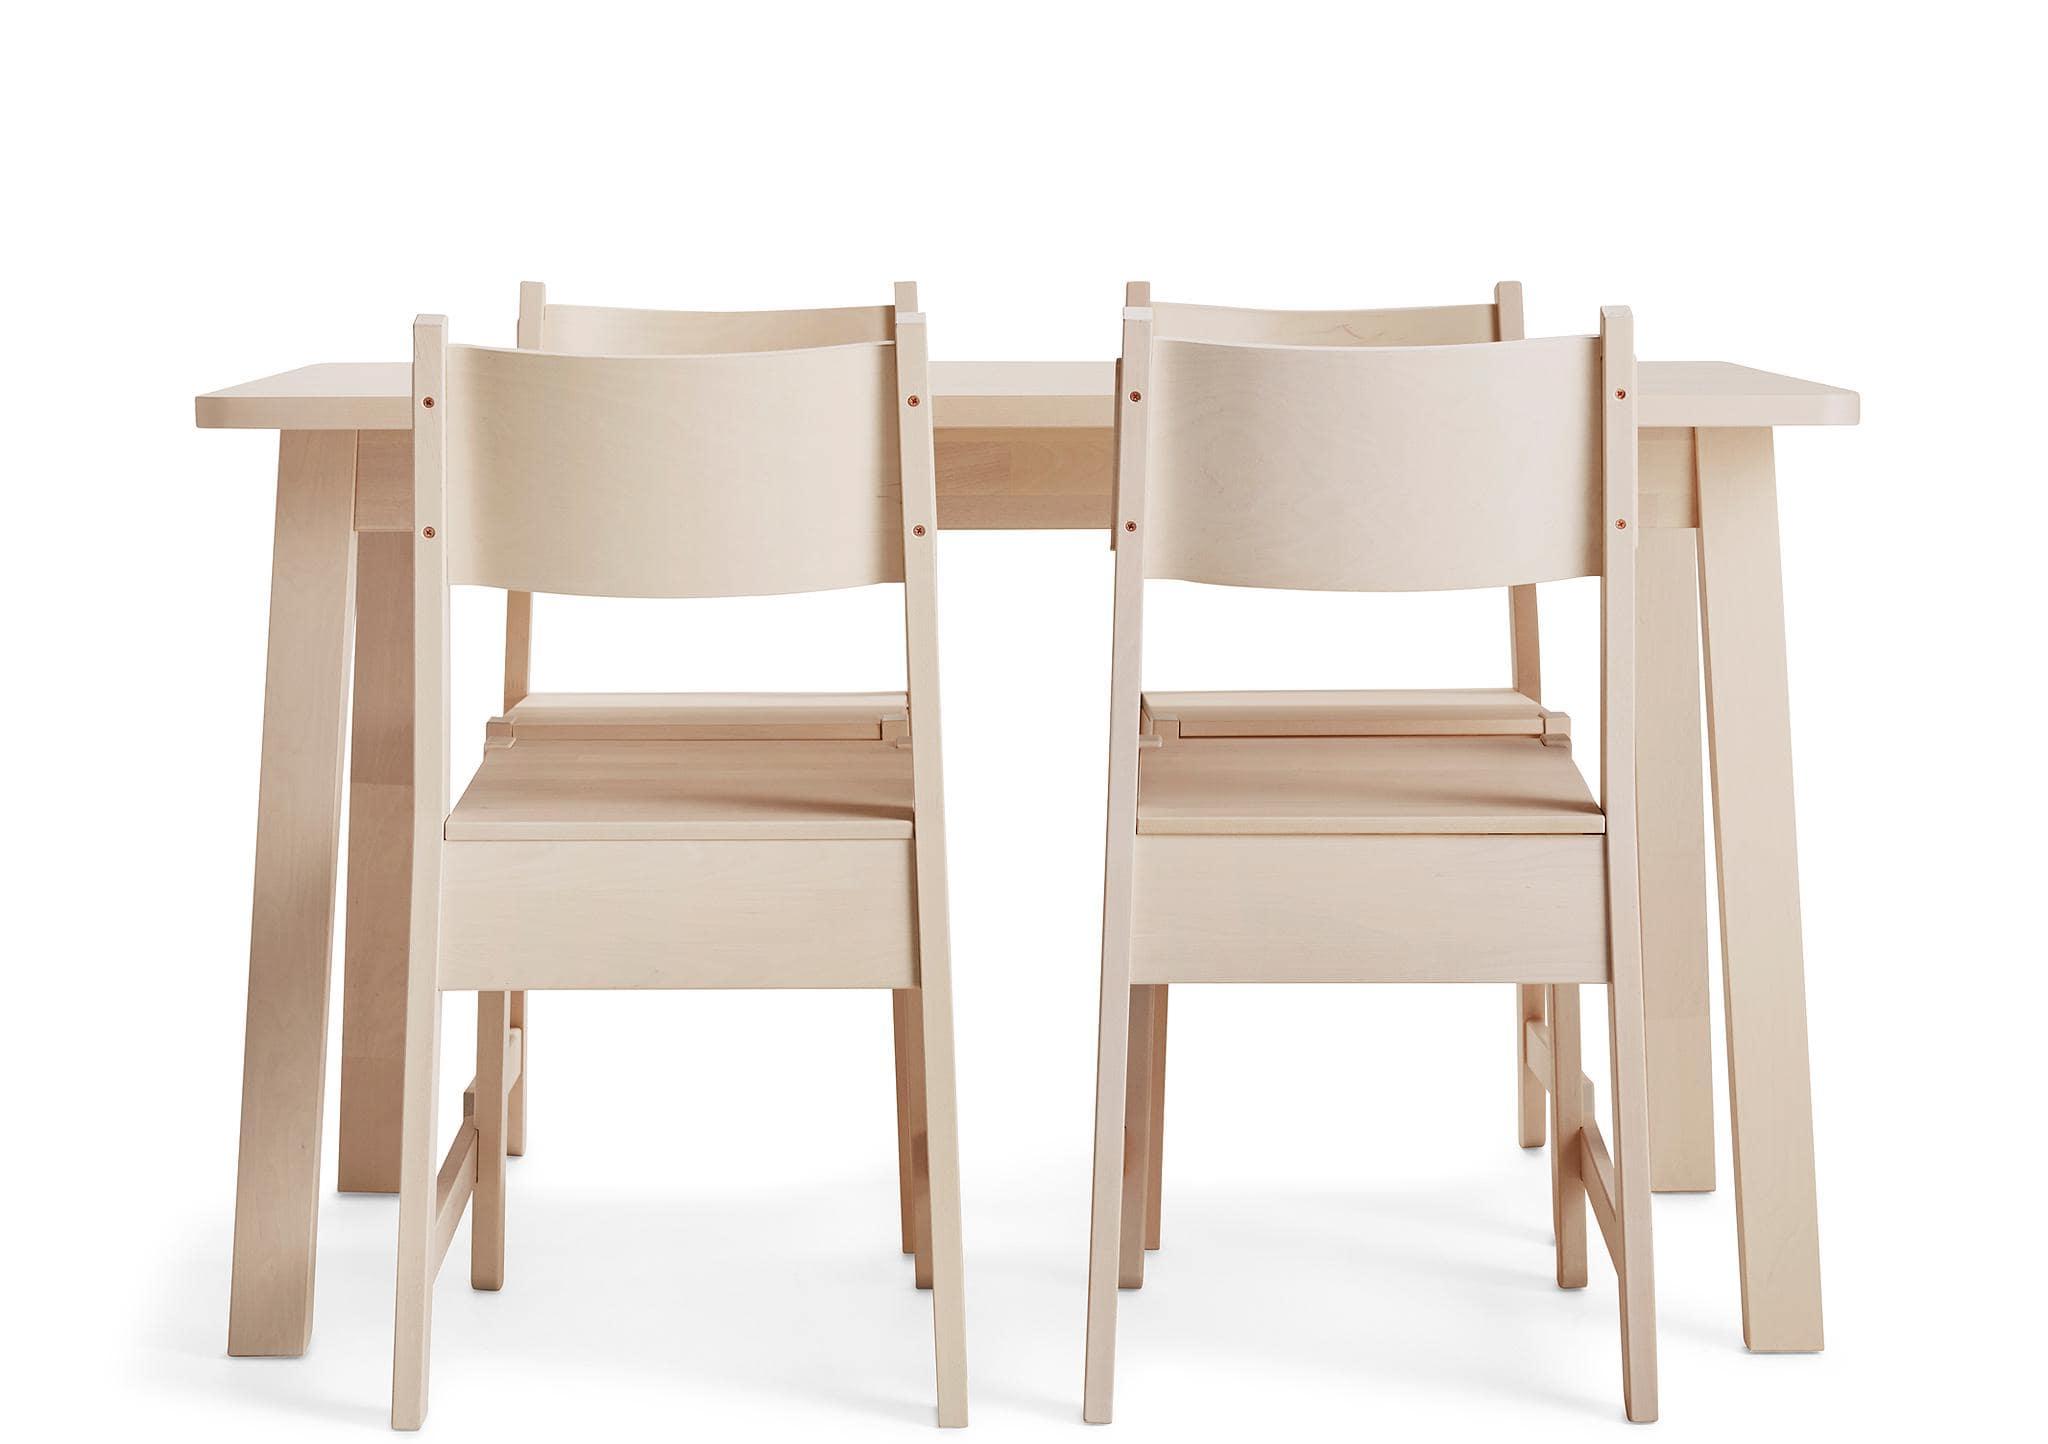 Sillas Ikea Comedor X8d1 Conjuntos De Edor Mesas Y Sillas Pra Online Ikea